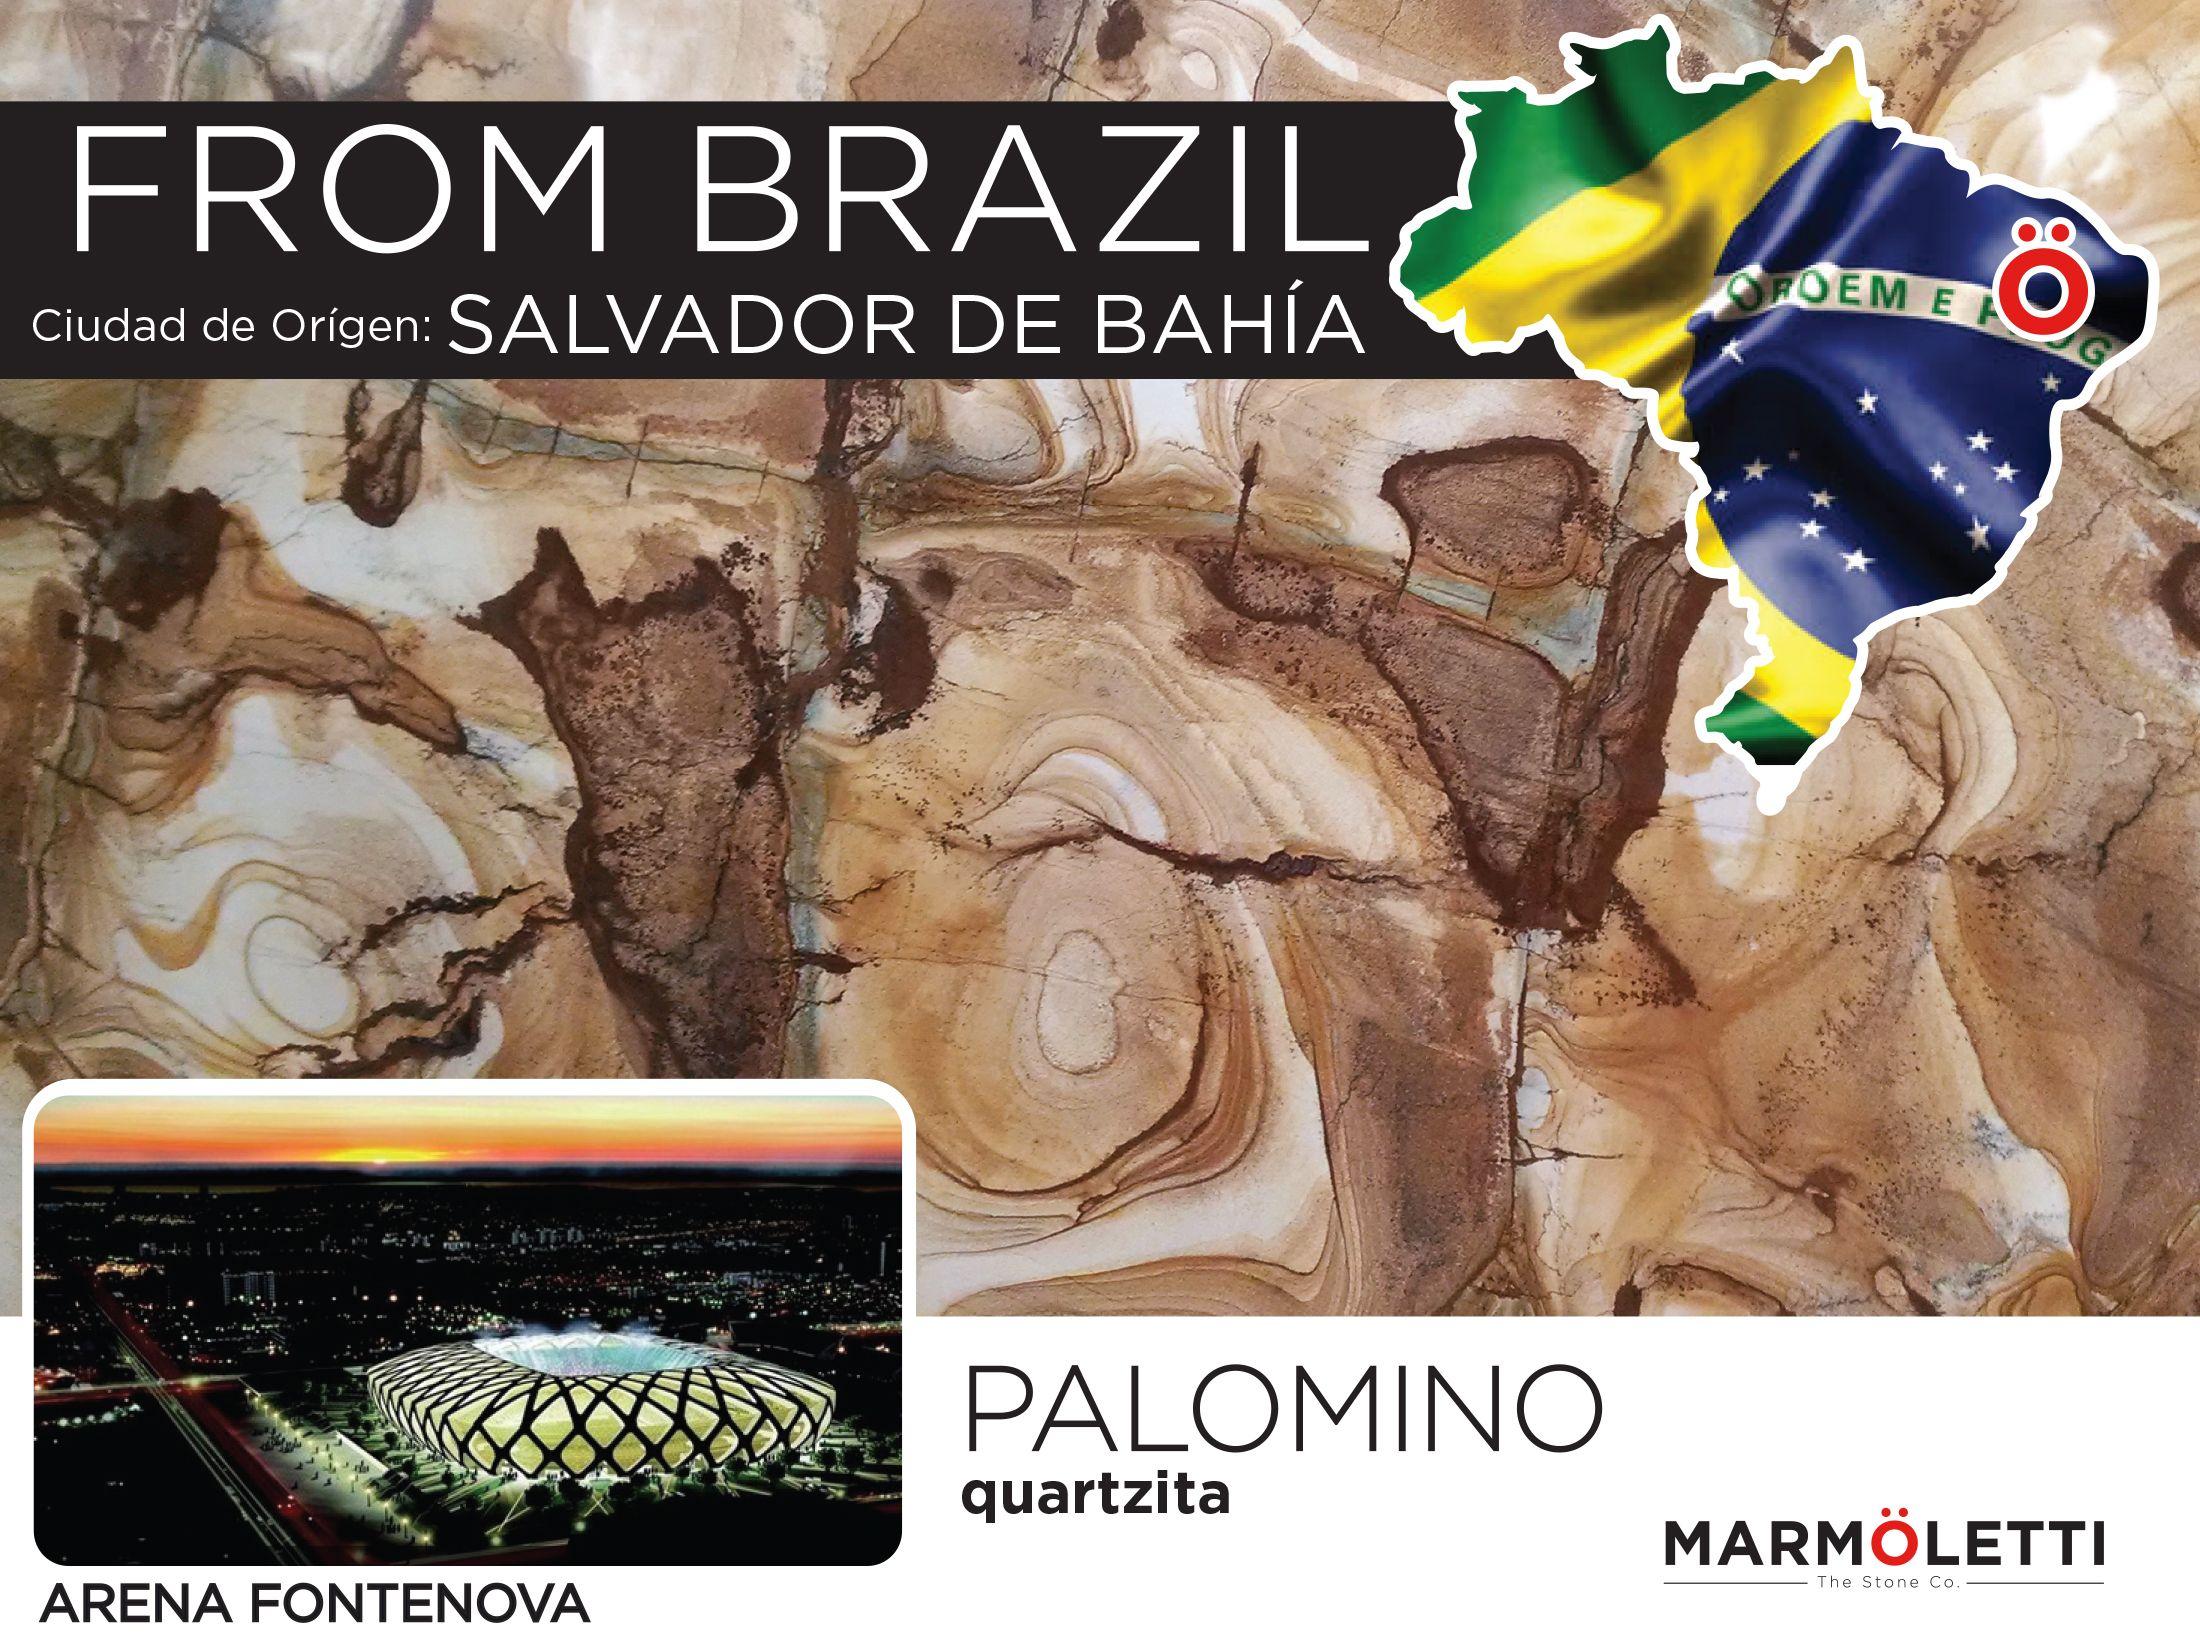 La historia plasmada en colores y formas, peculiar material con la durabilidad, versatilidad, y resistencia de una quartzita ofrece... Palomino de la costa este de Brasil.